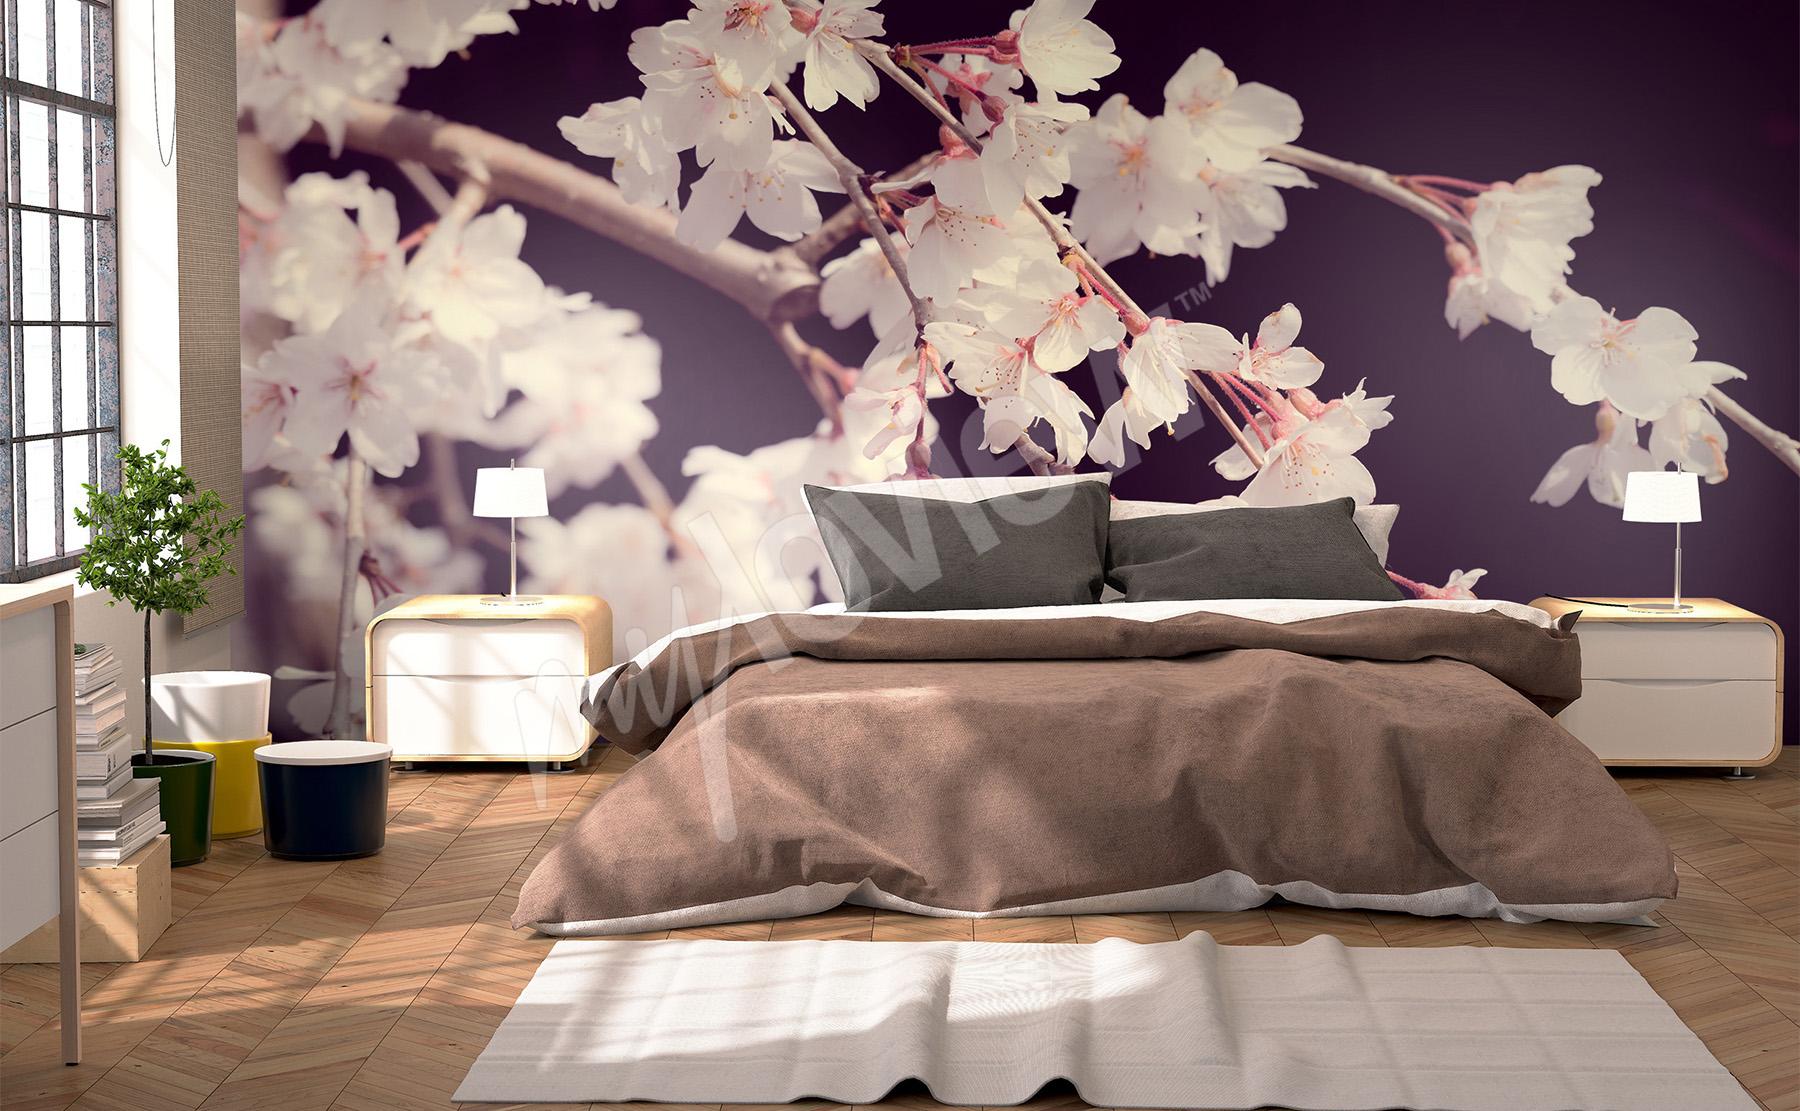 Fototapety do sypialni fototapeta dla domu for Tapisserie chambre a coucher adulte